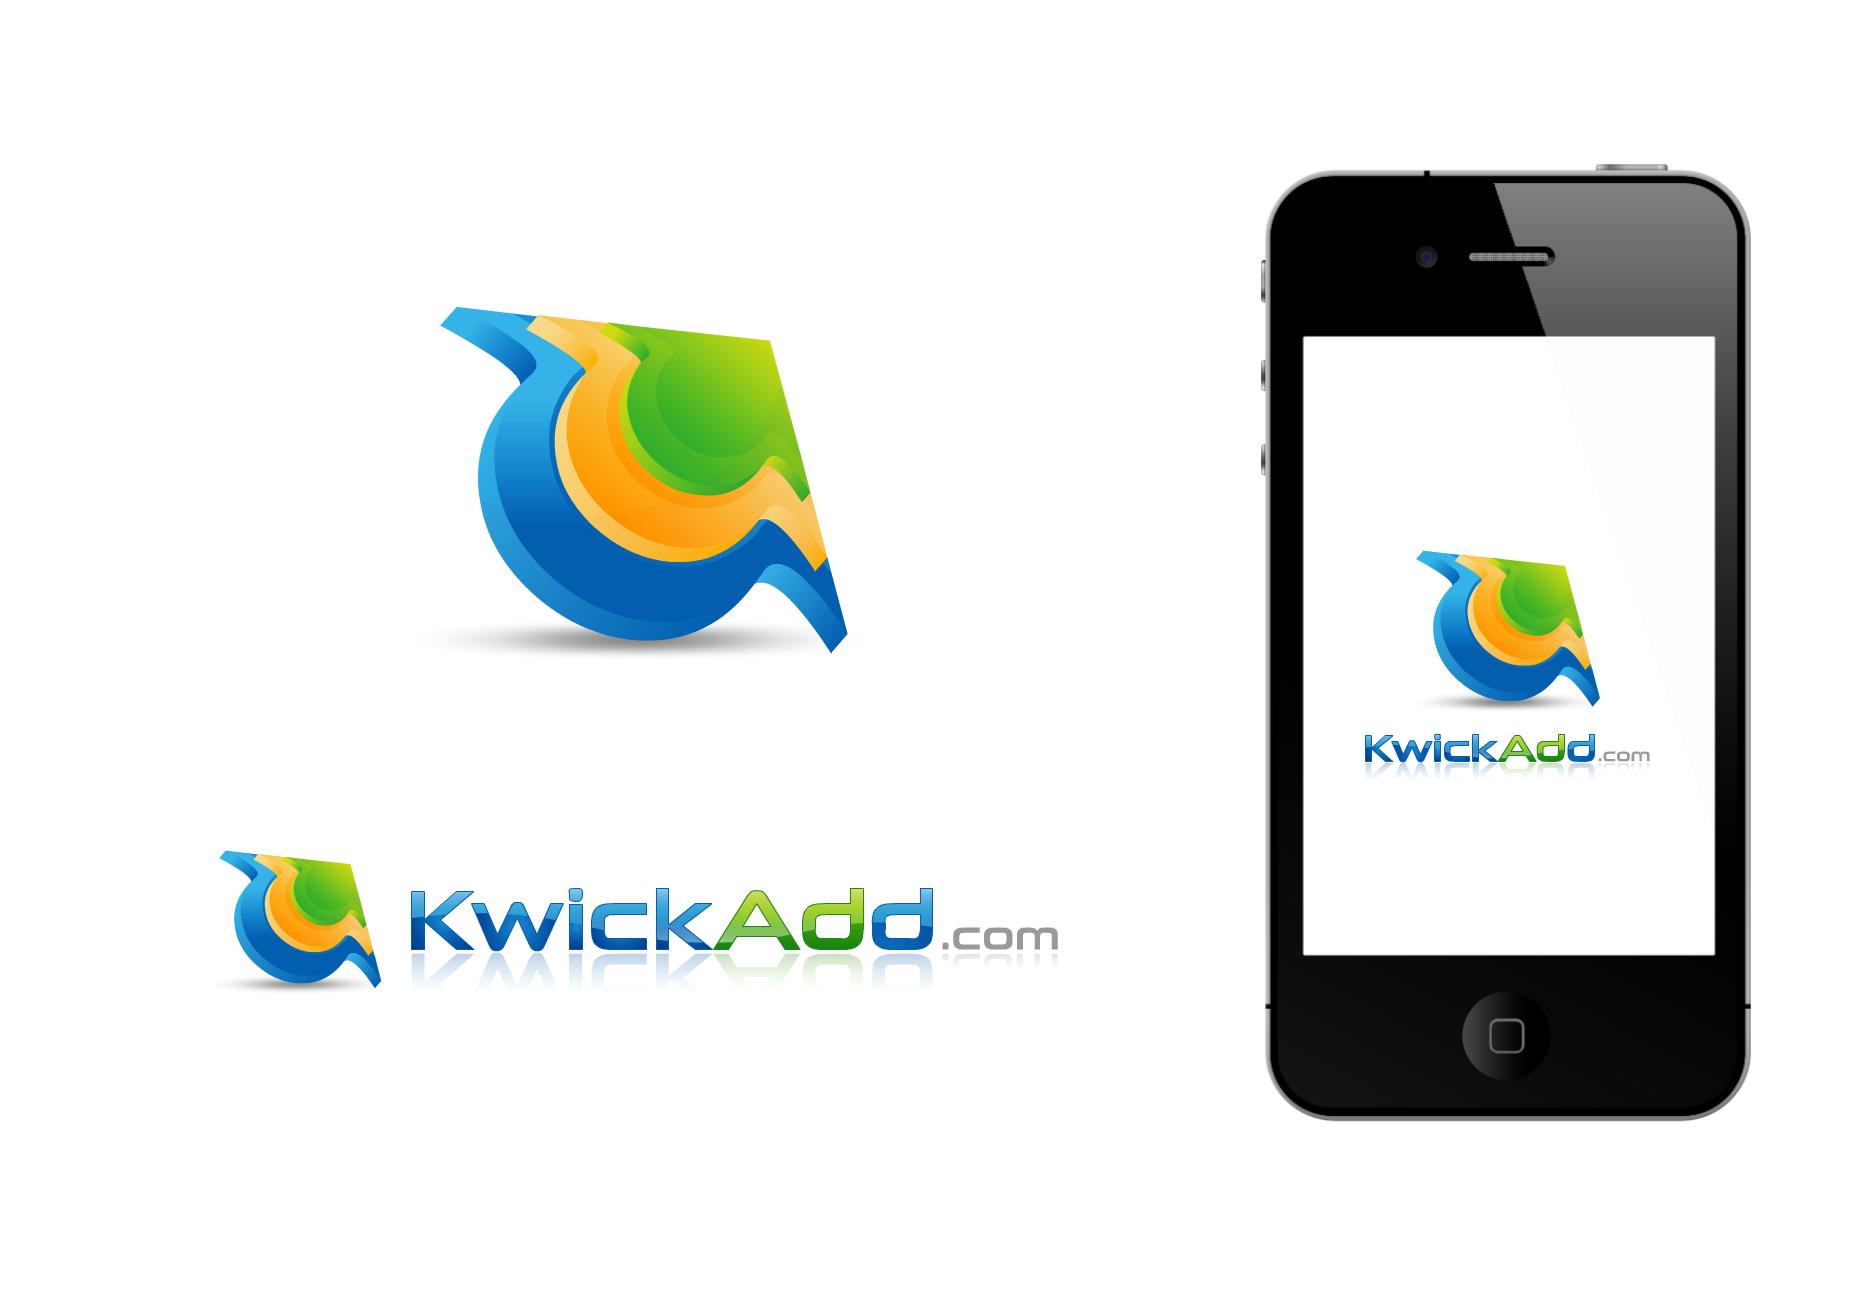 Help with Logo design for KwickAdd.com